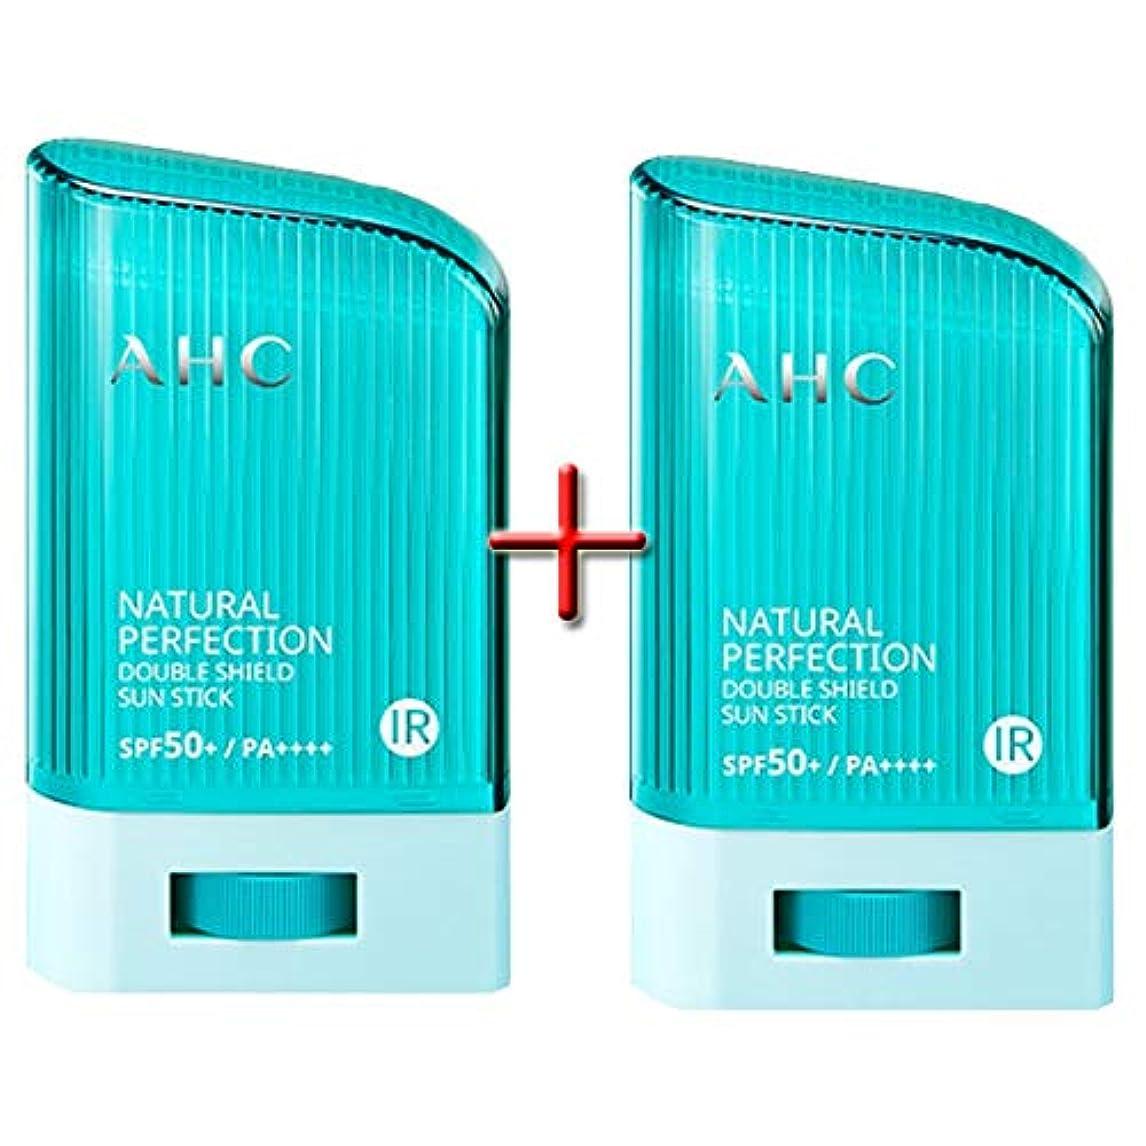 第二にパブ明確な[ 1+1 ] AHC ナチュラルパーフェクションダブルシールドサンスティック 22g, Natural Perfection Double Shield Sun Stick SPF50+ PA++++